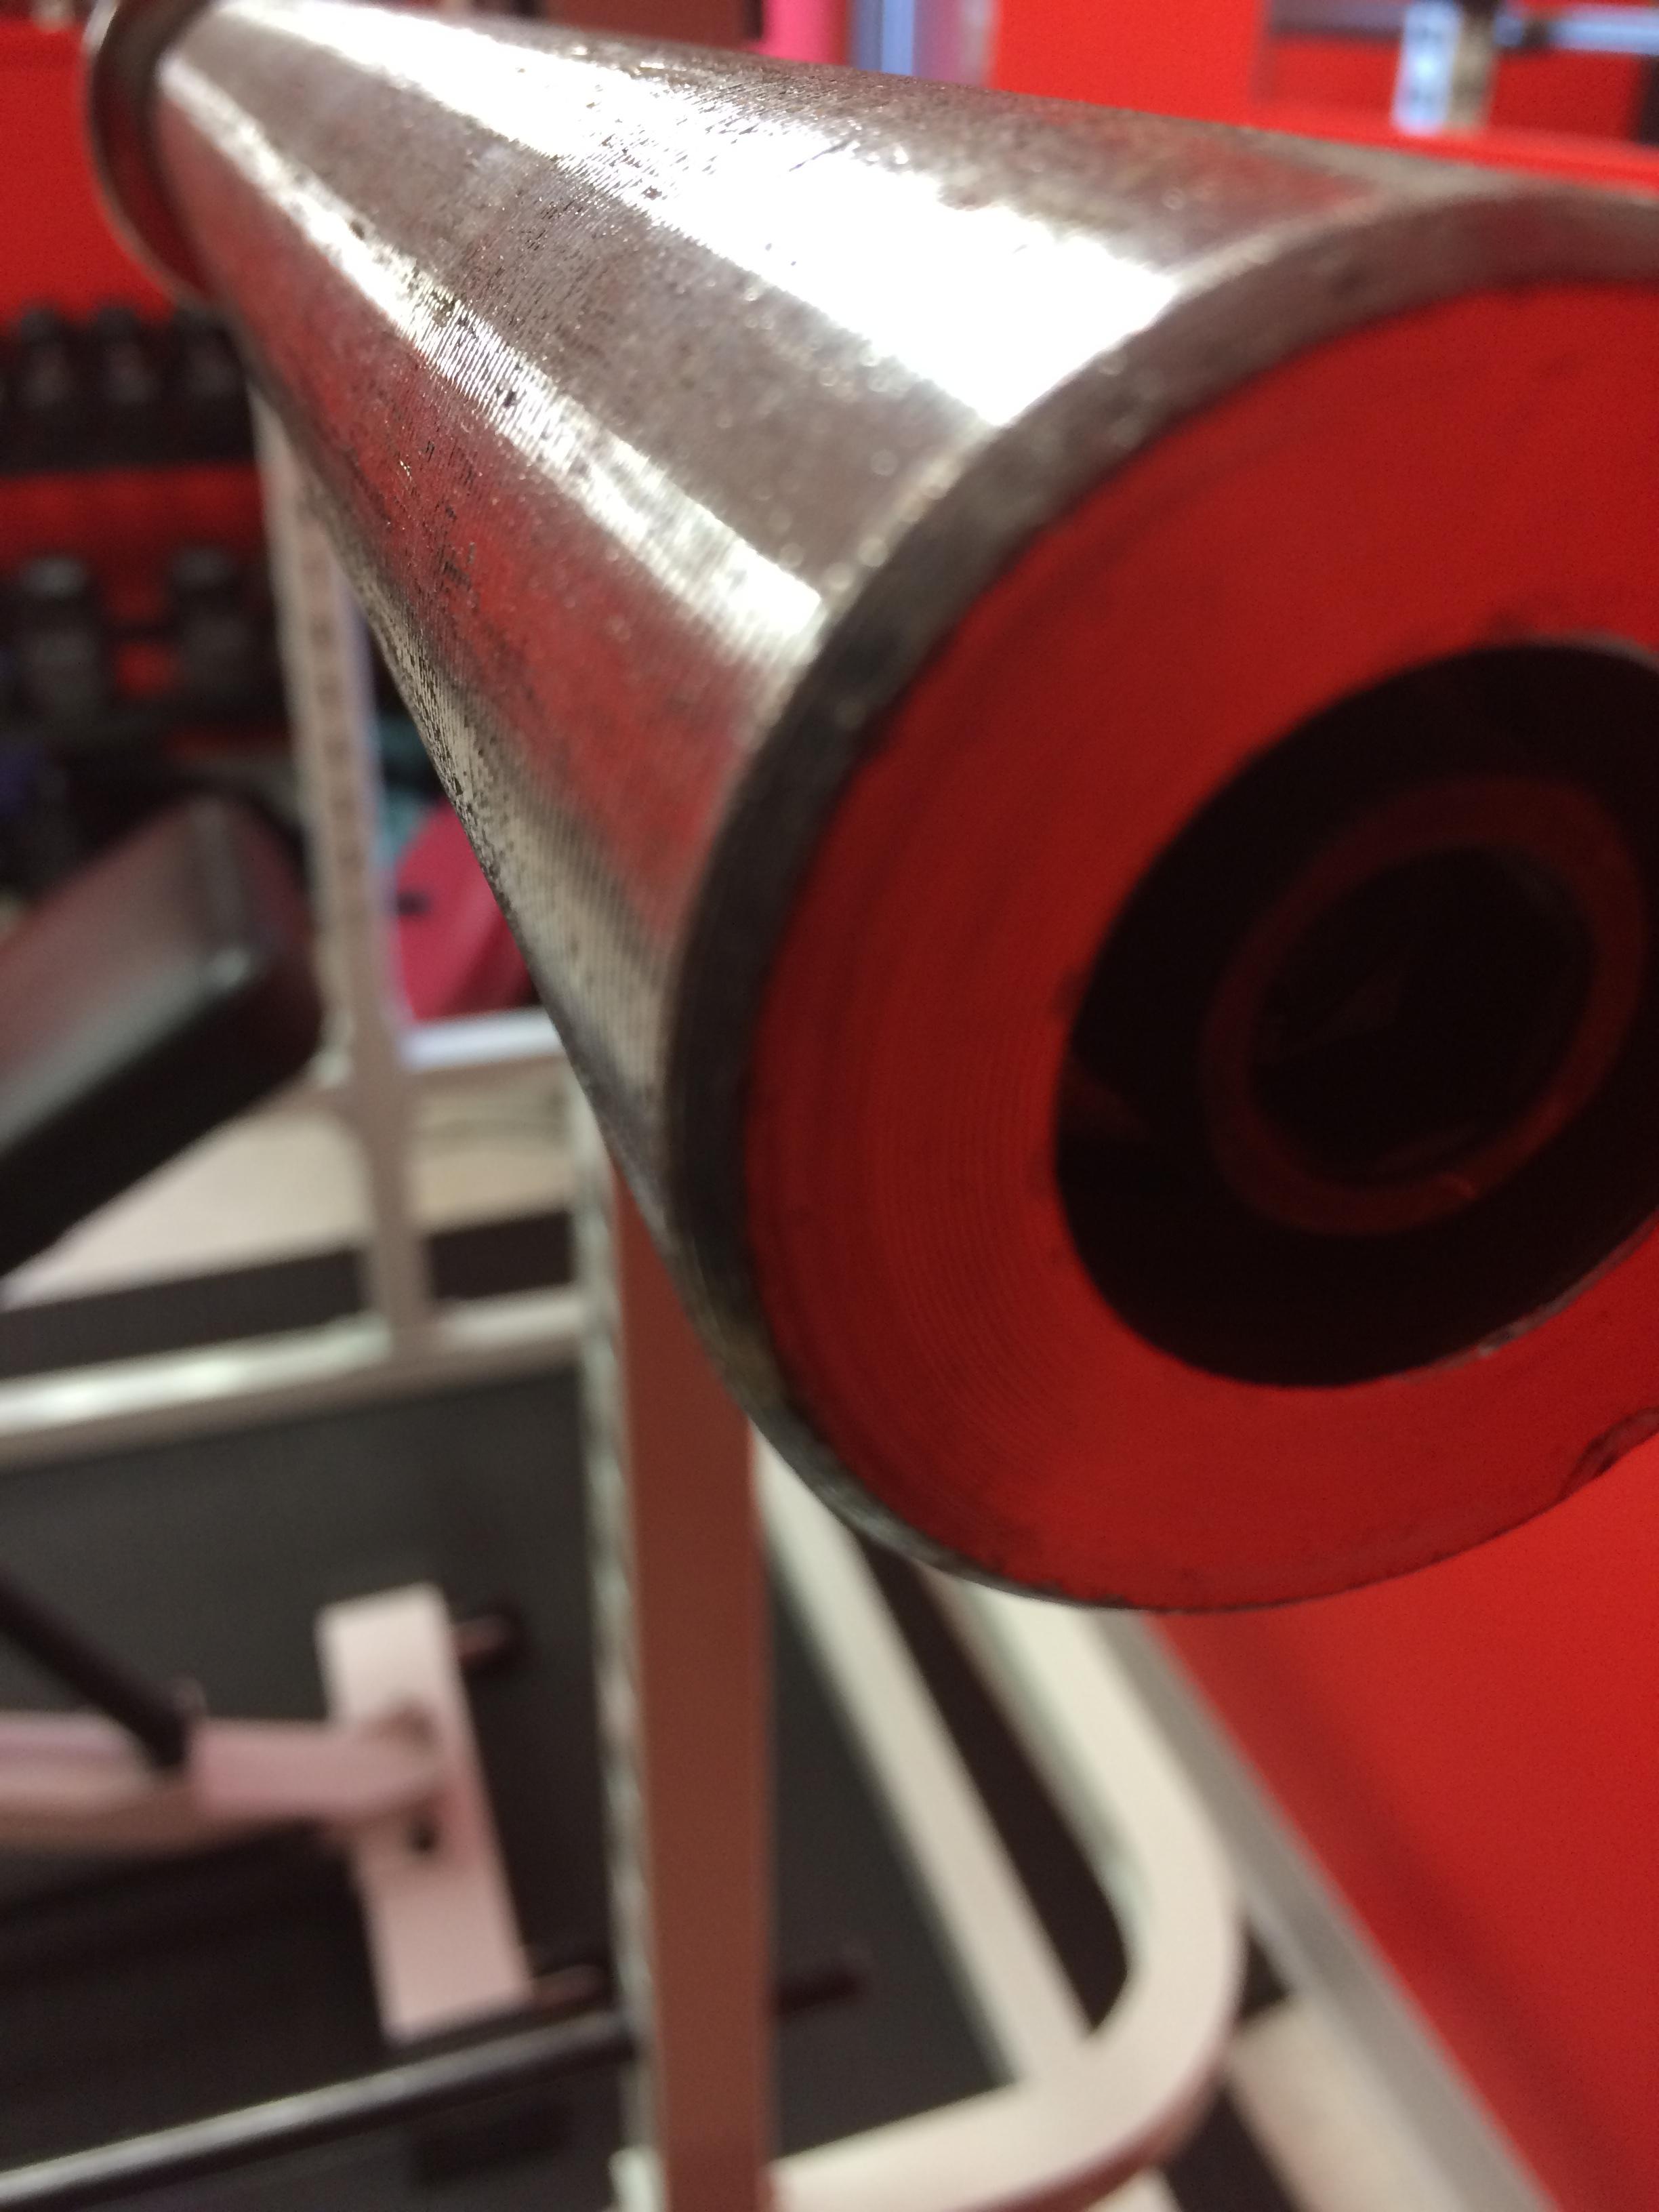 barbell image side angle